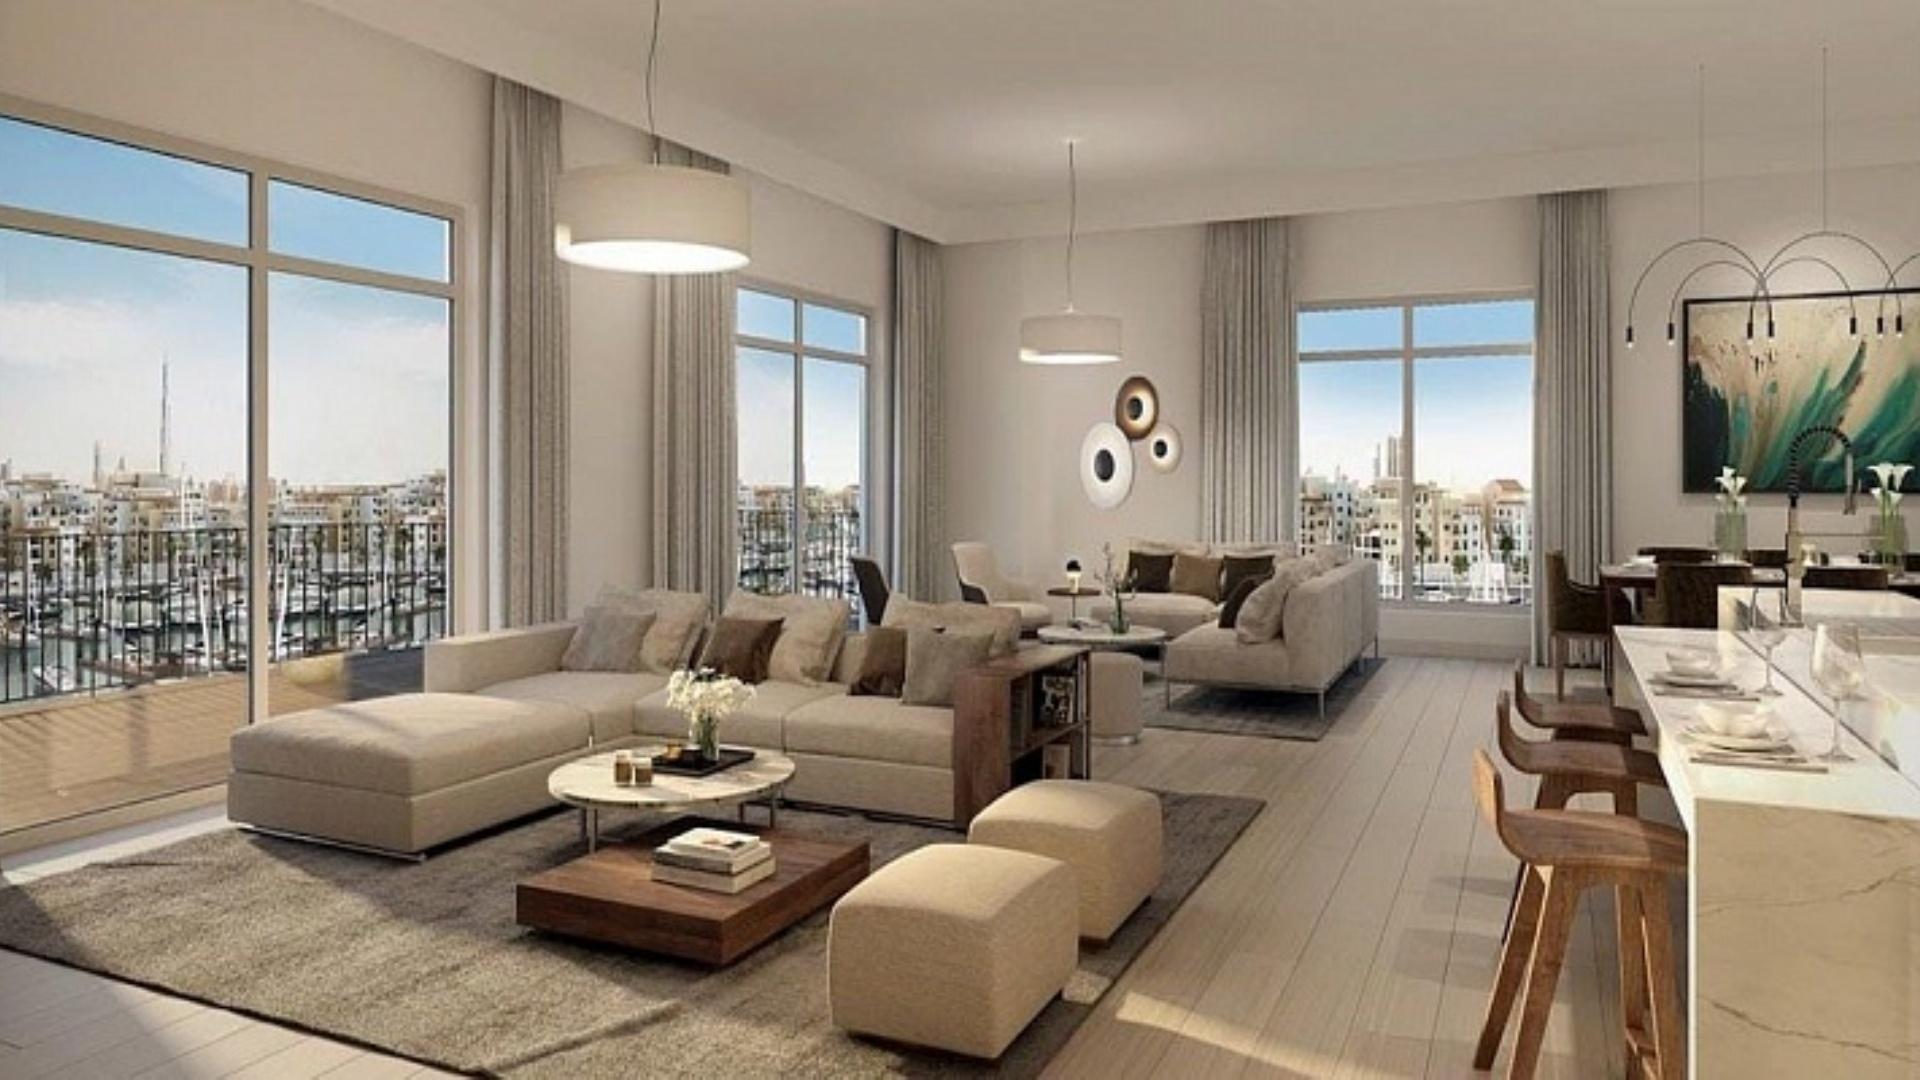 Apartment for sale in Dubai, UAE, 1 bedroom, 69 m2, No. 24283 – photo 1